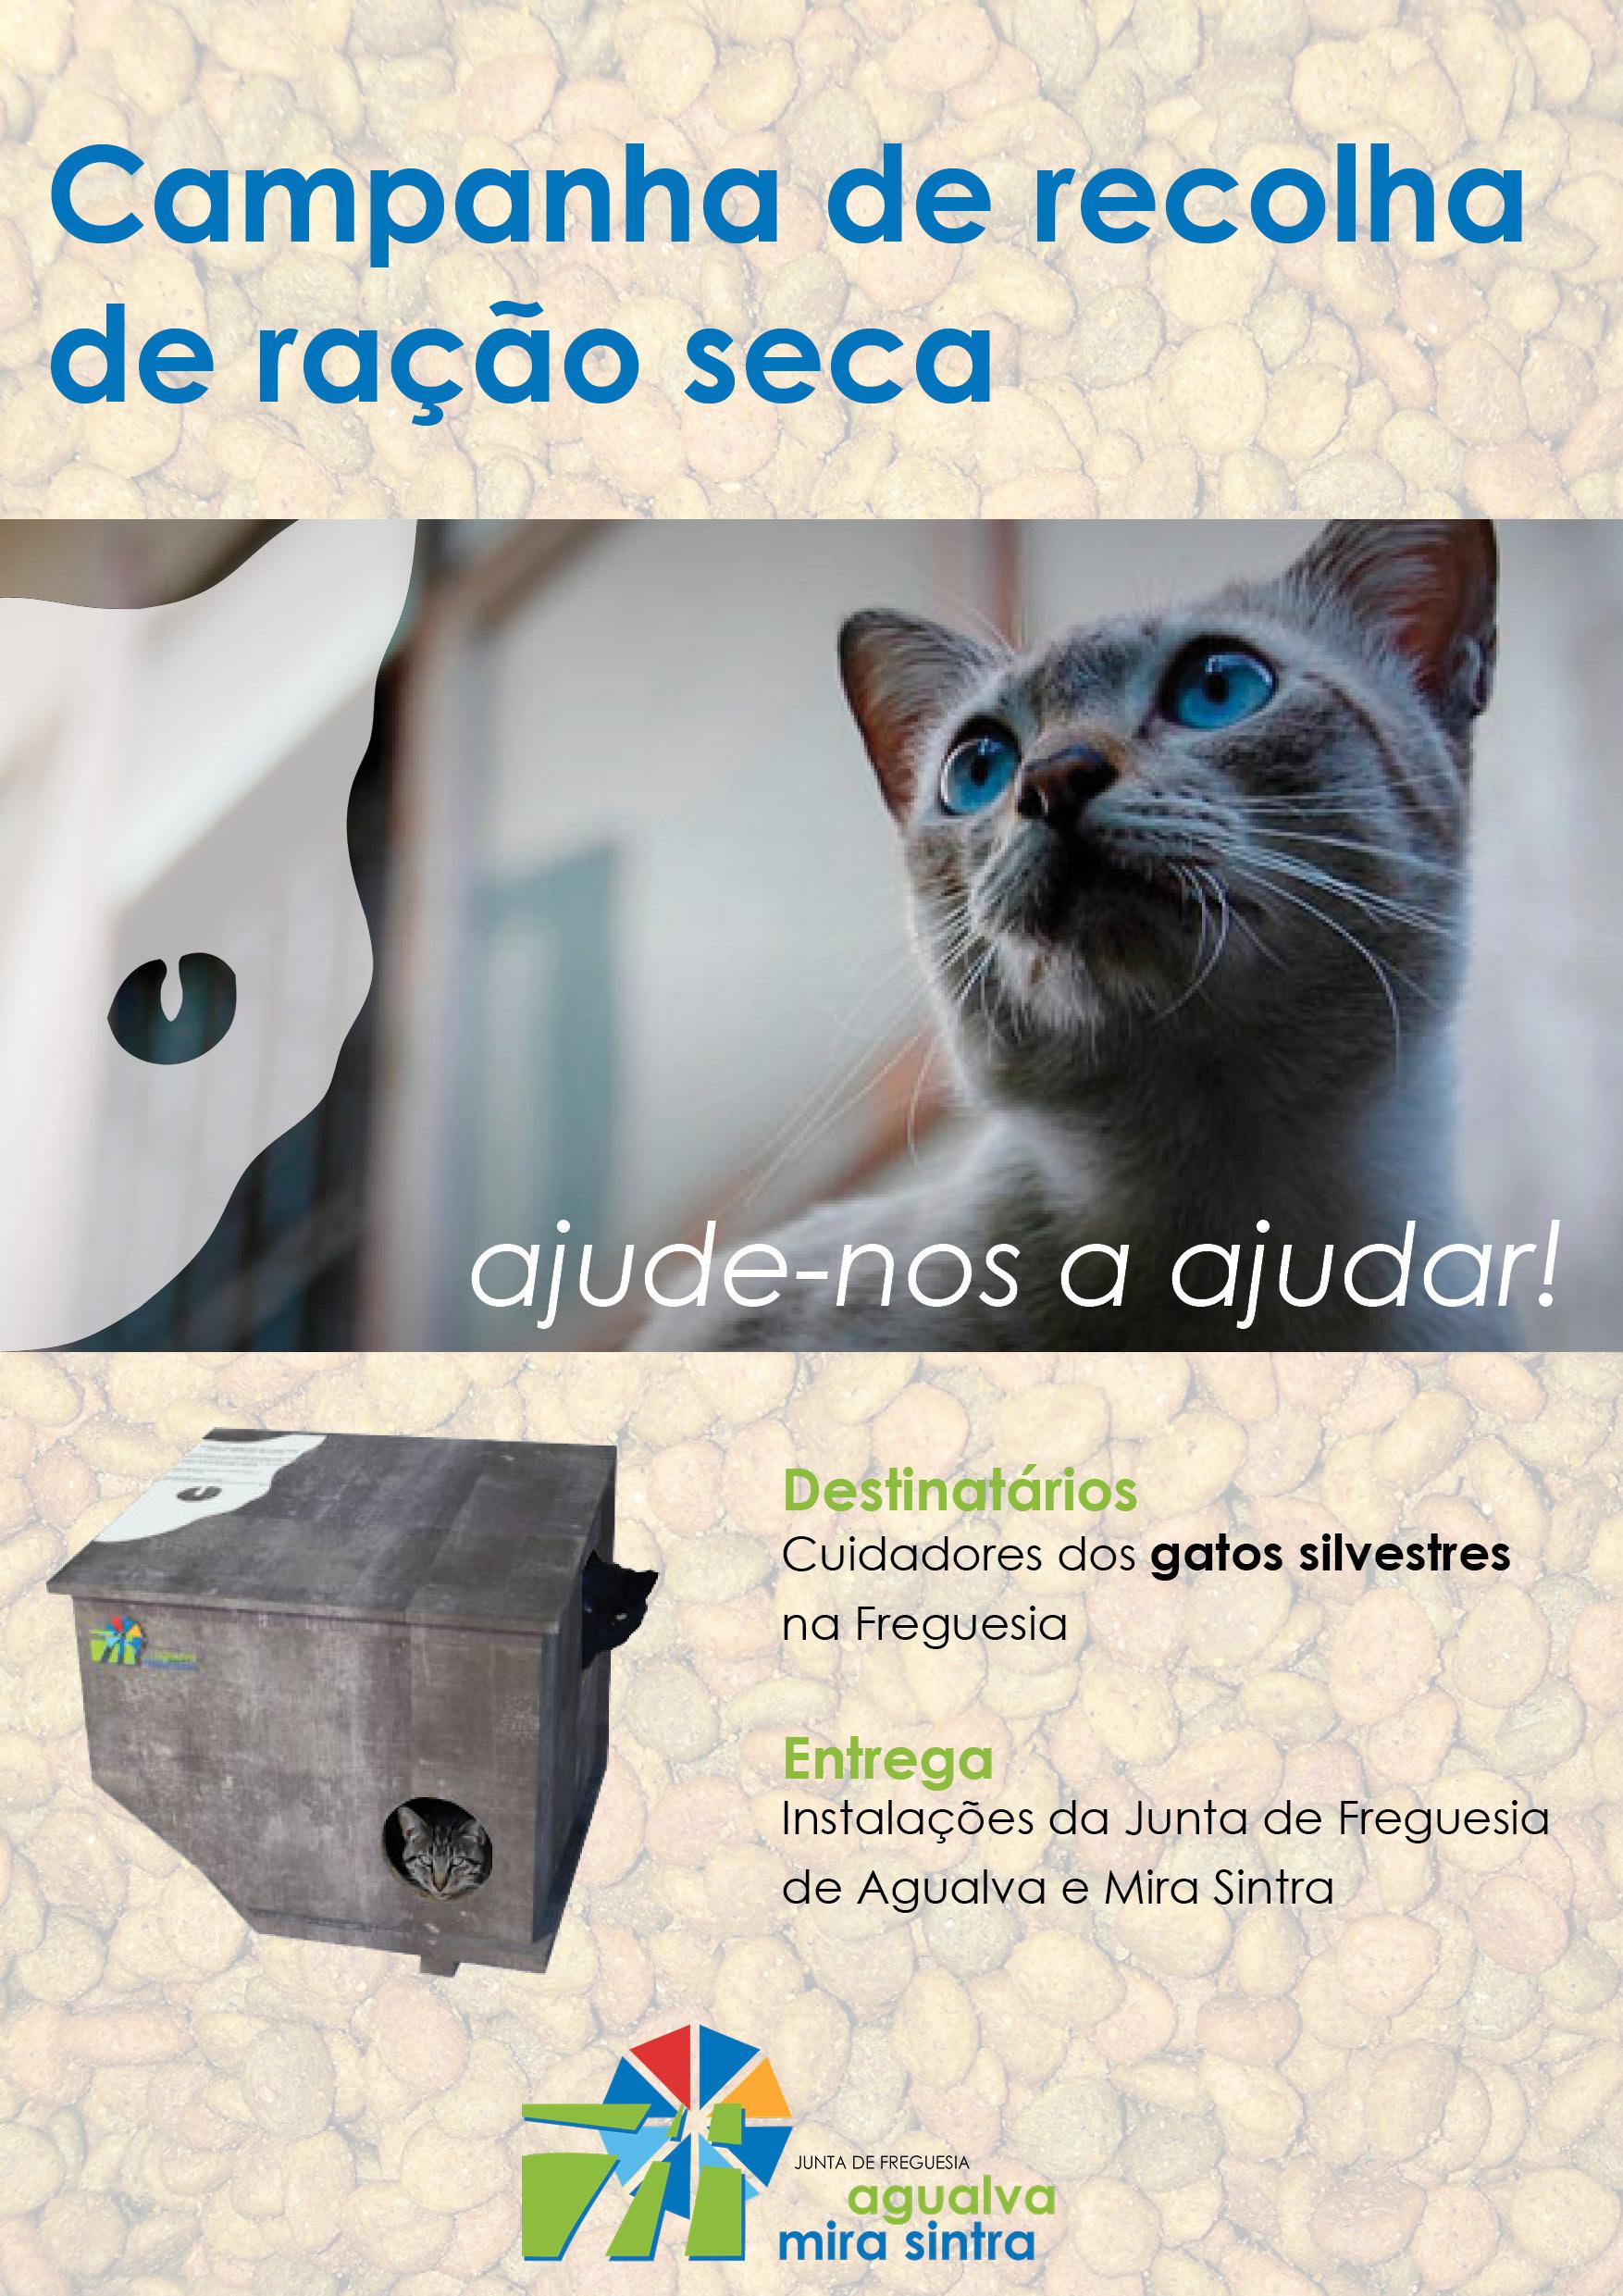 Recolha de ração para gatos